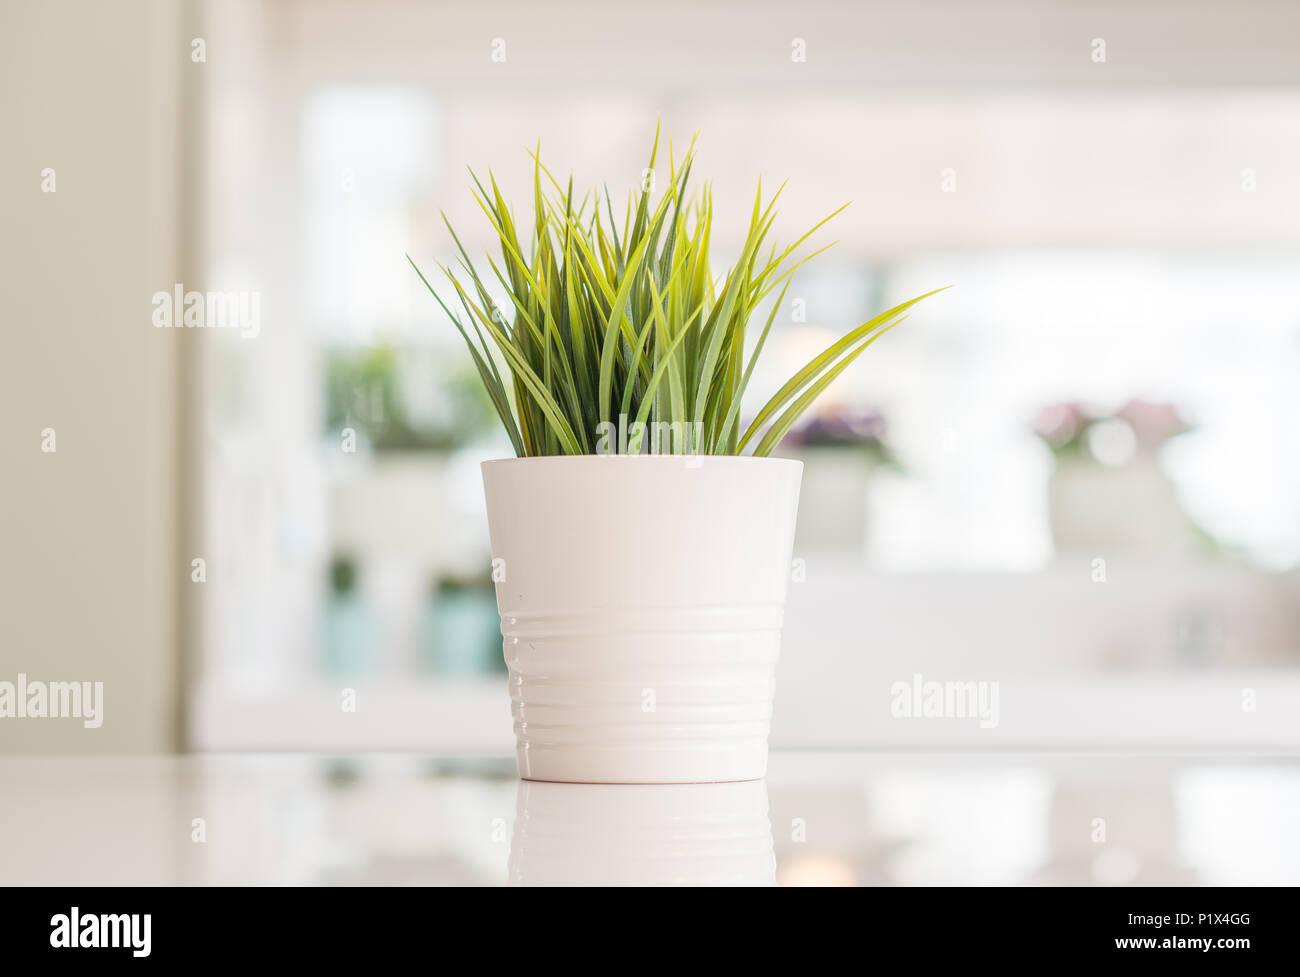 Bellissima pianta ornamentale sul tavolo da cucina con sole sfondo ...